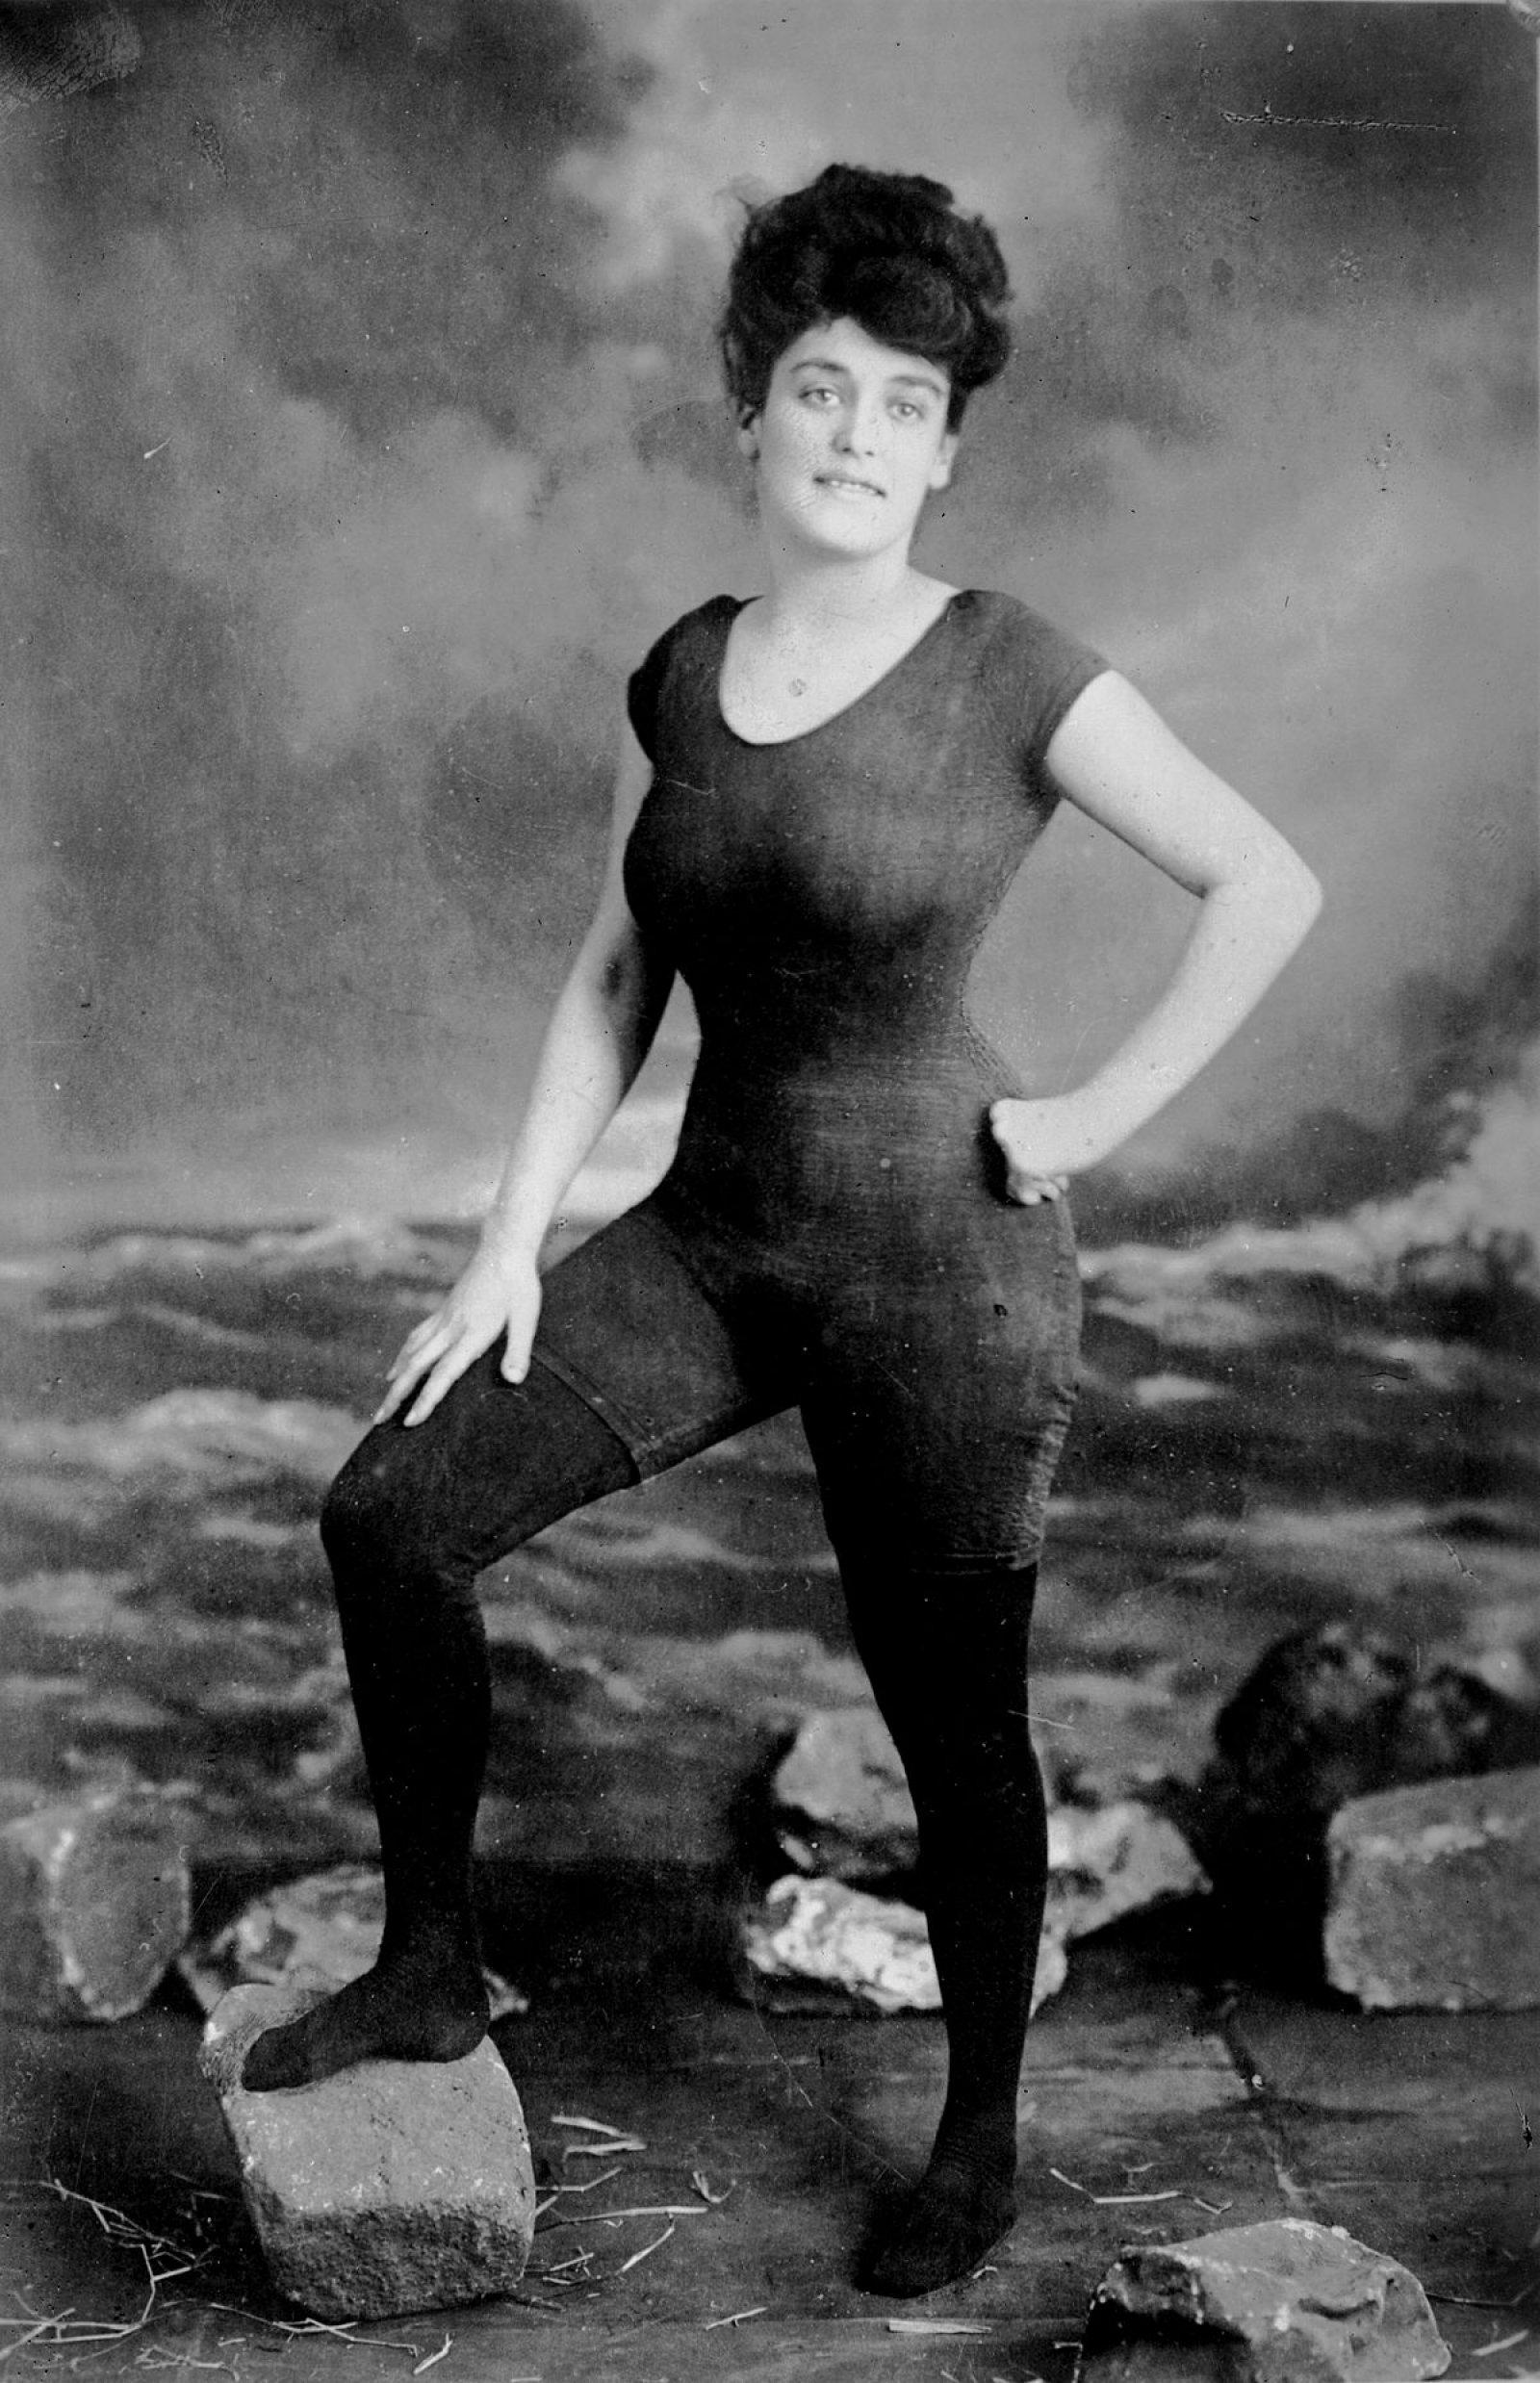 Annette Kellerman fue detenida por indecencia tras esta foto en 1907.